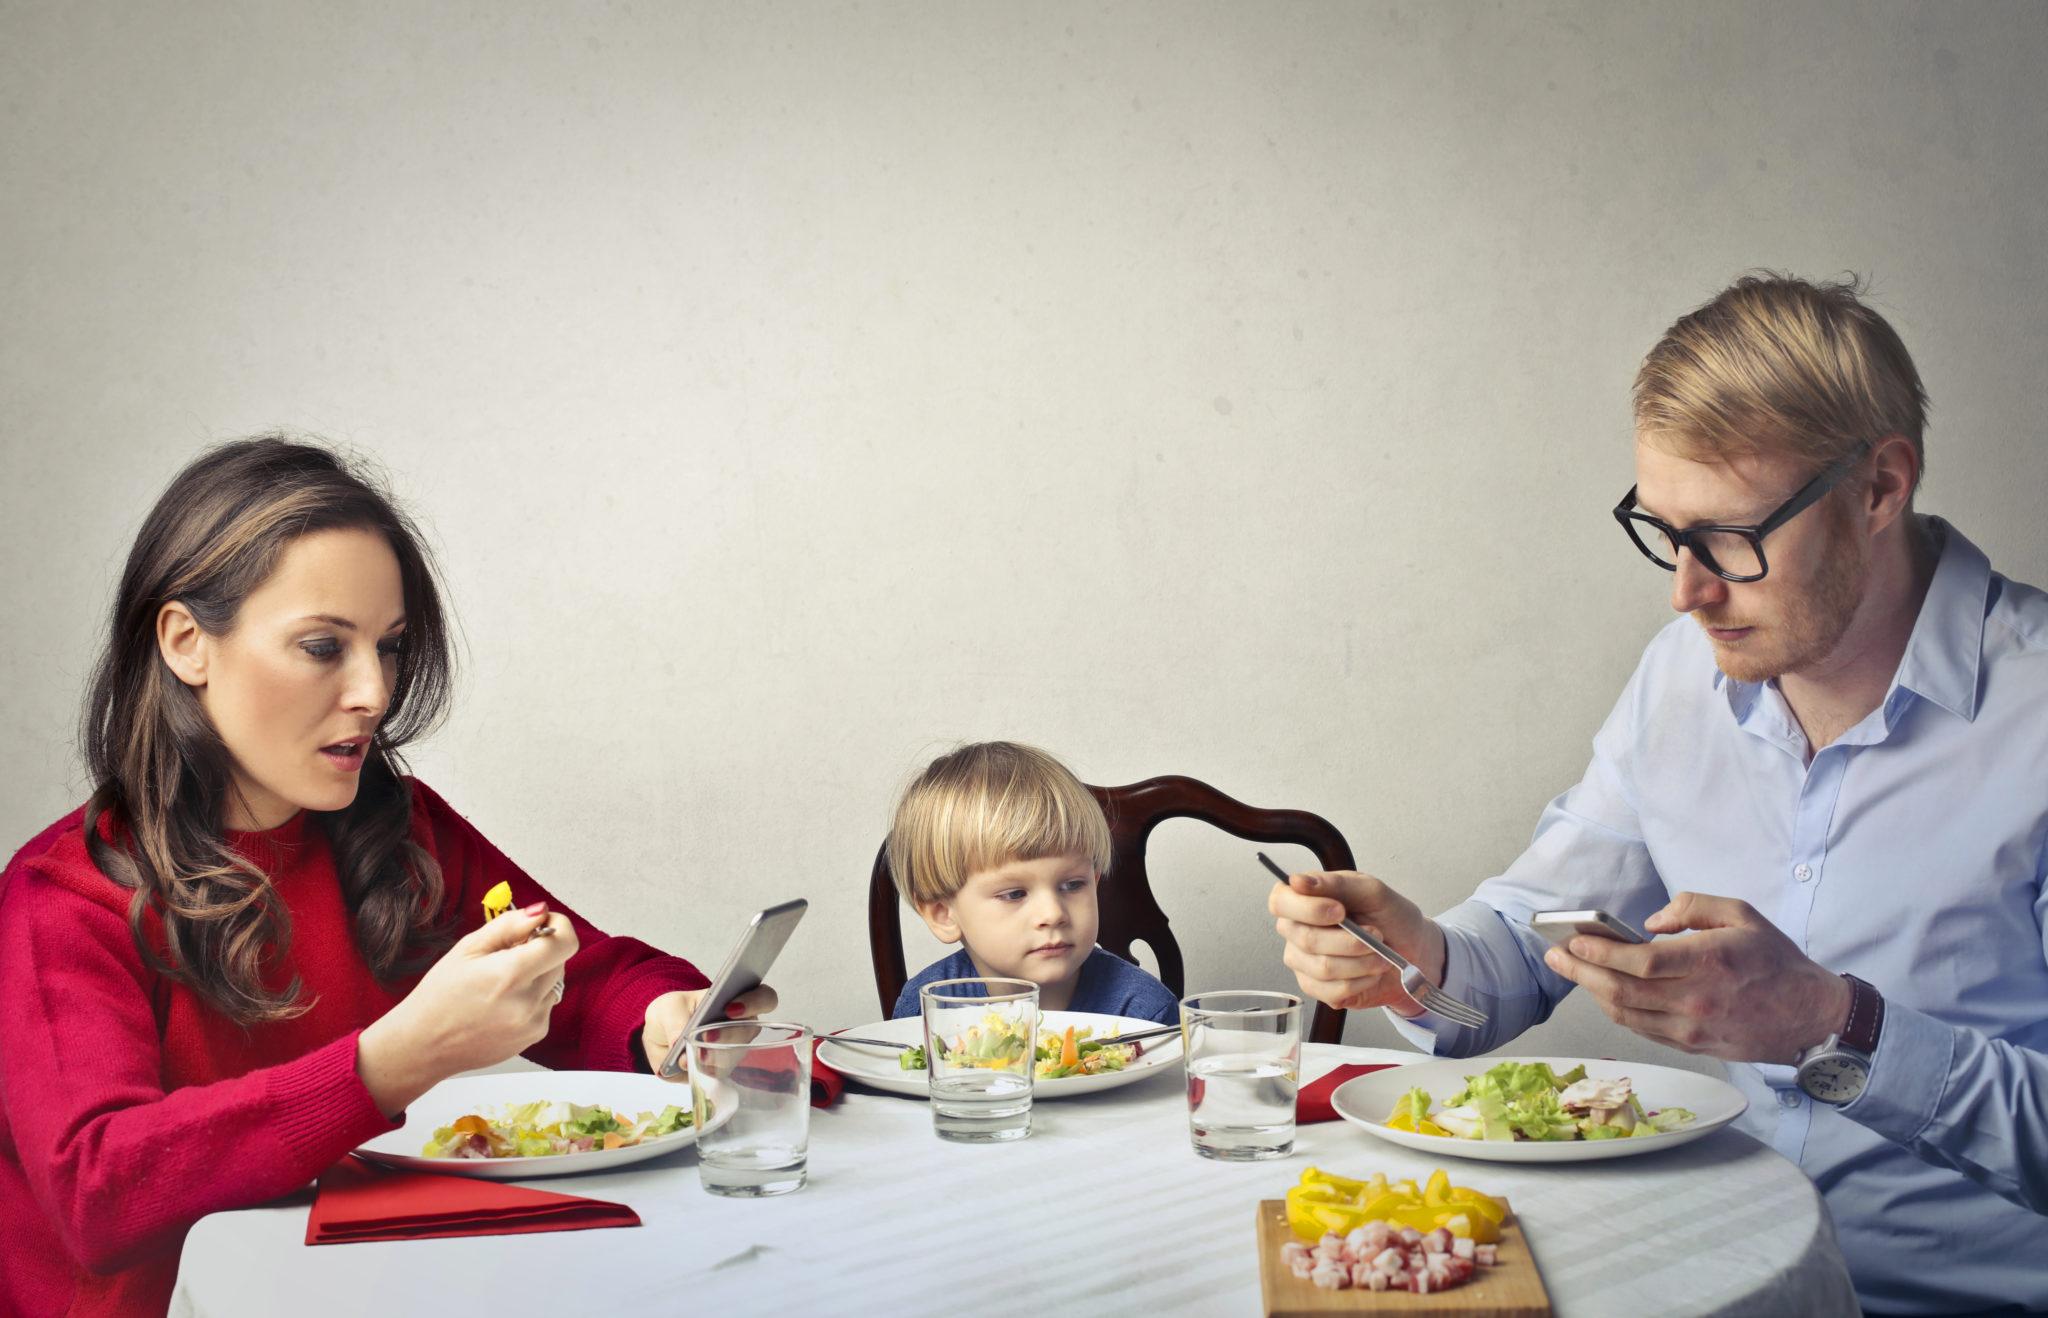 Bambini smartphone-dipendenti, l'allarme e il ruolo della scuola